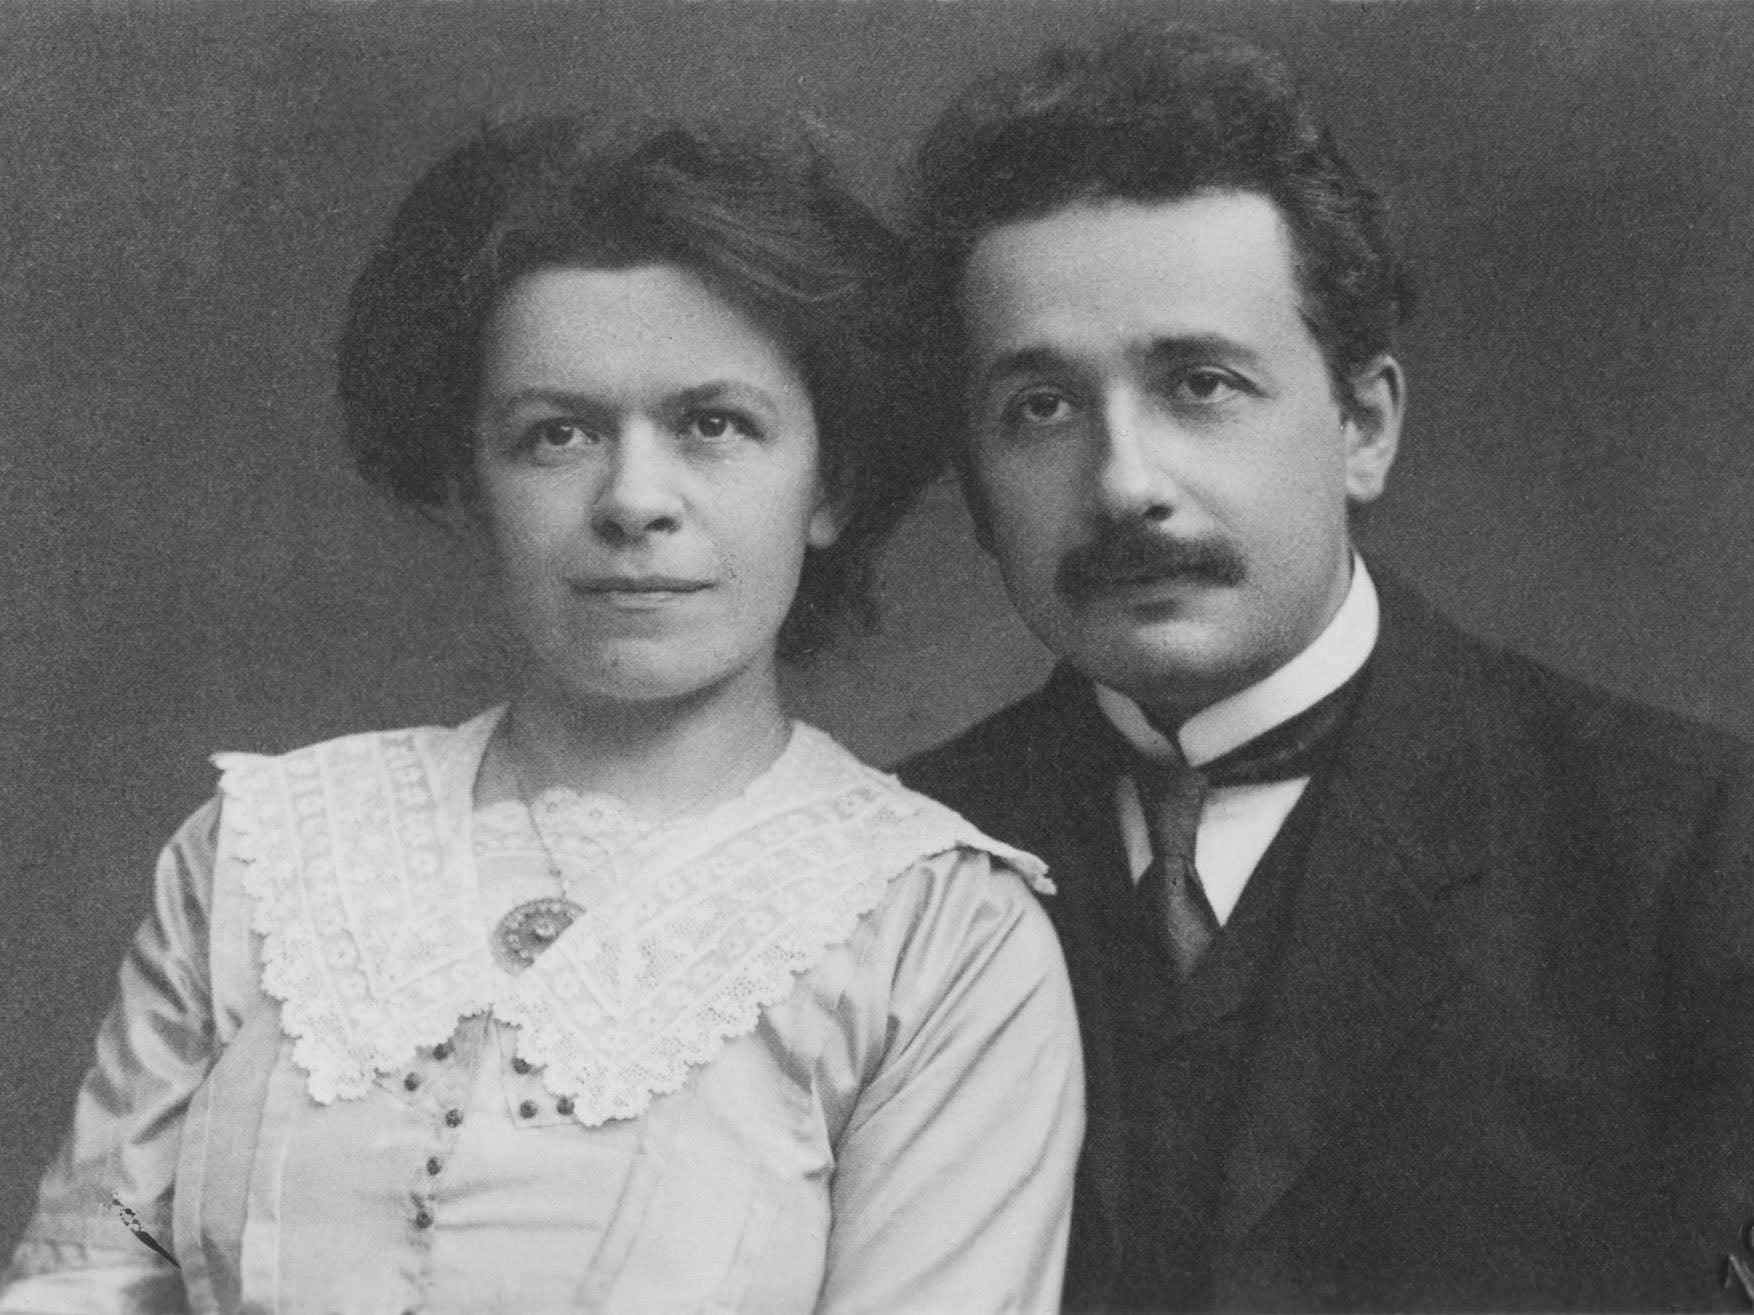 Does Albert Einstein's first wife Mileva Maric deserve